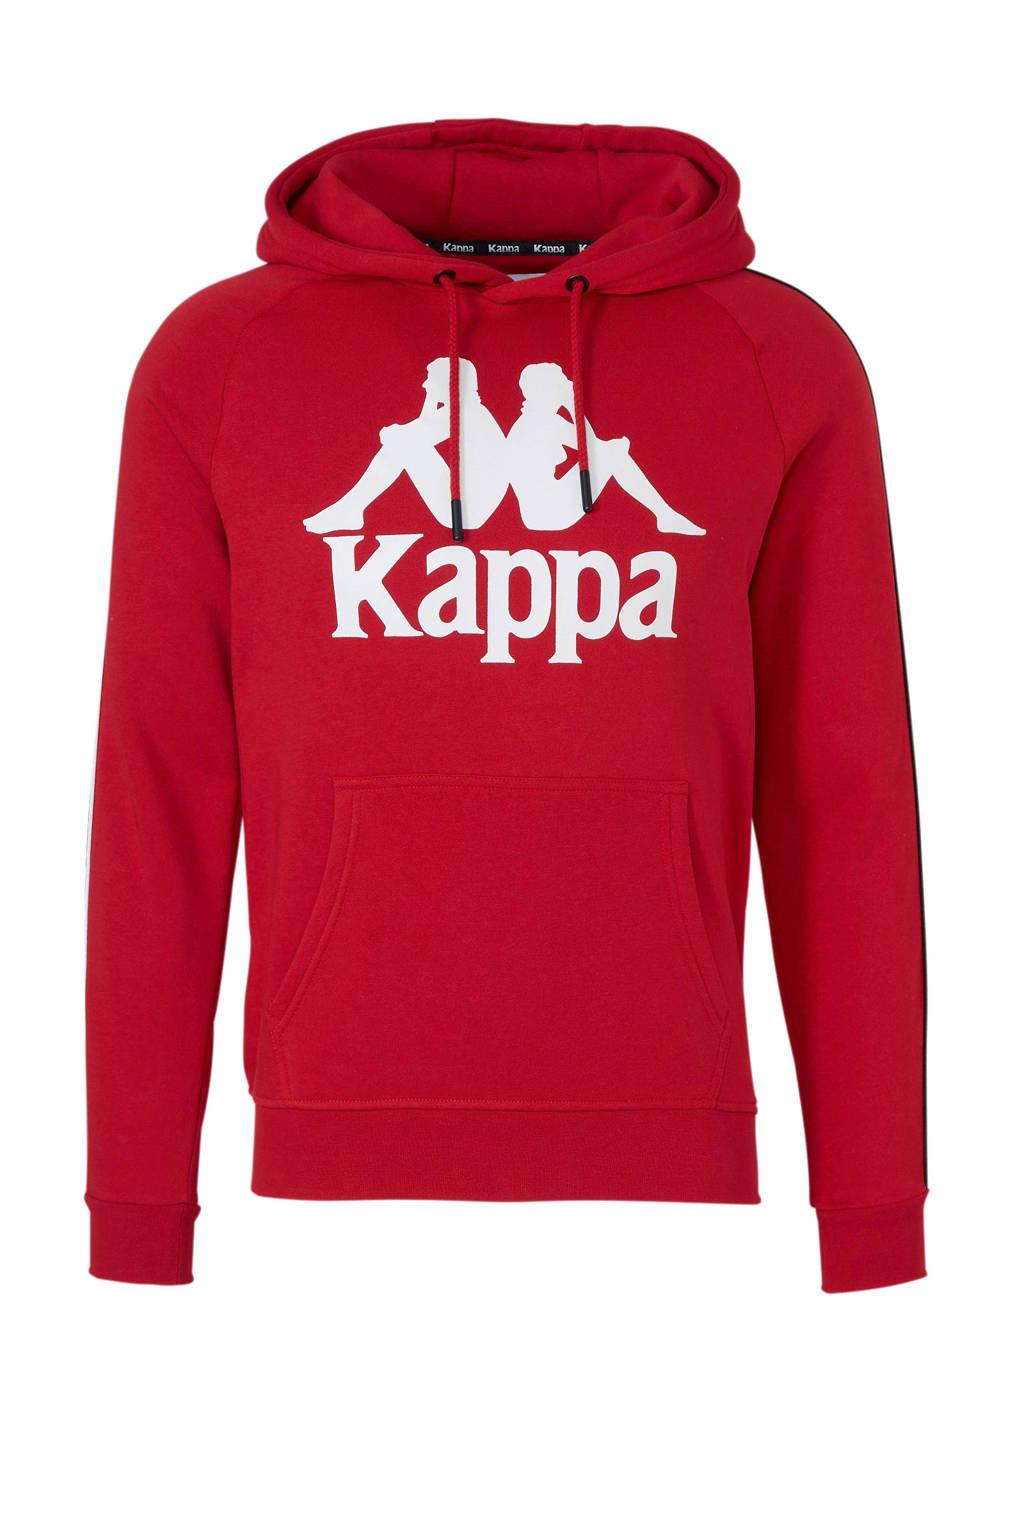 Kappa   sweater met printopdruk rood/wit, Rood/wit